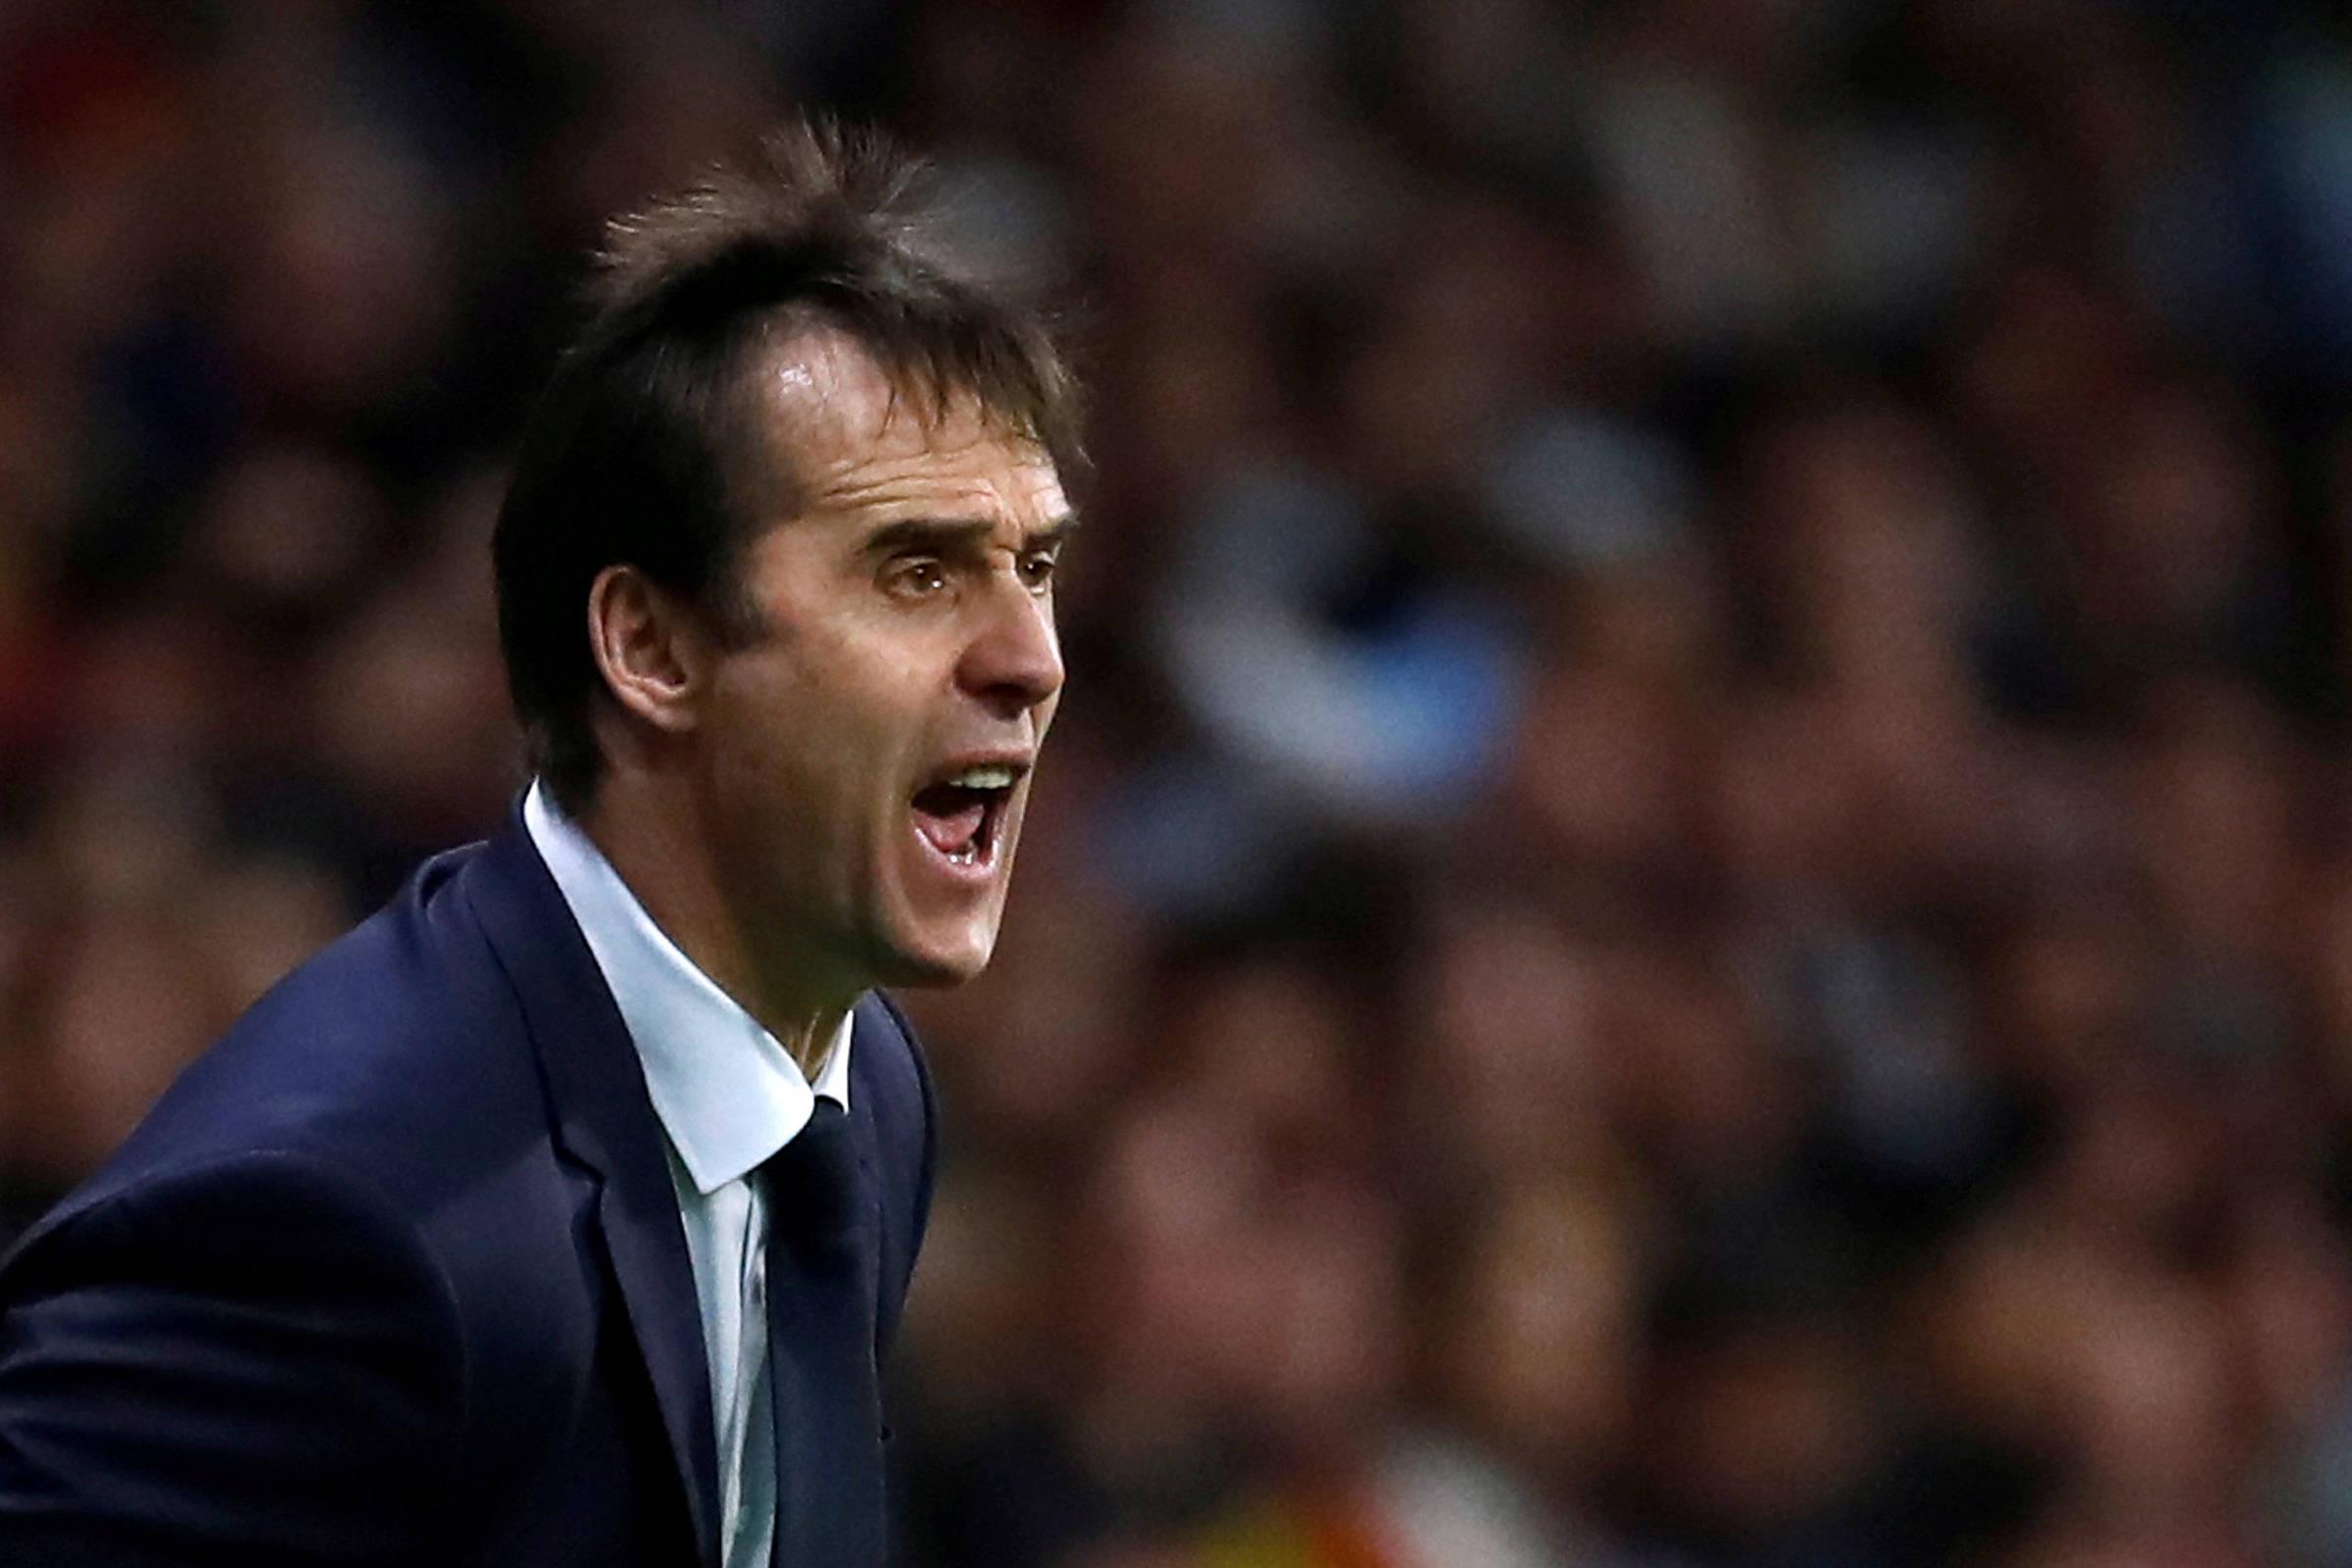 3b54c9cba9 Técnico demitido pela Espanha salvou time para Mundial após fracassos -  14 06 2018 - Esporte - Folha